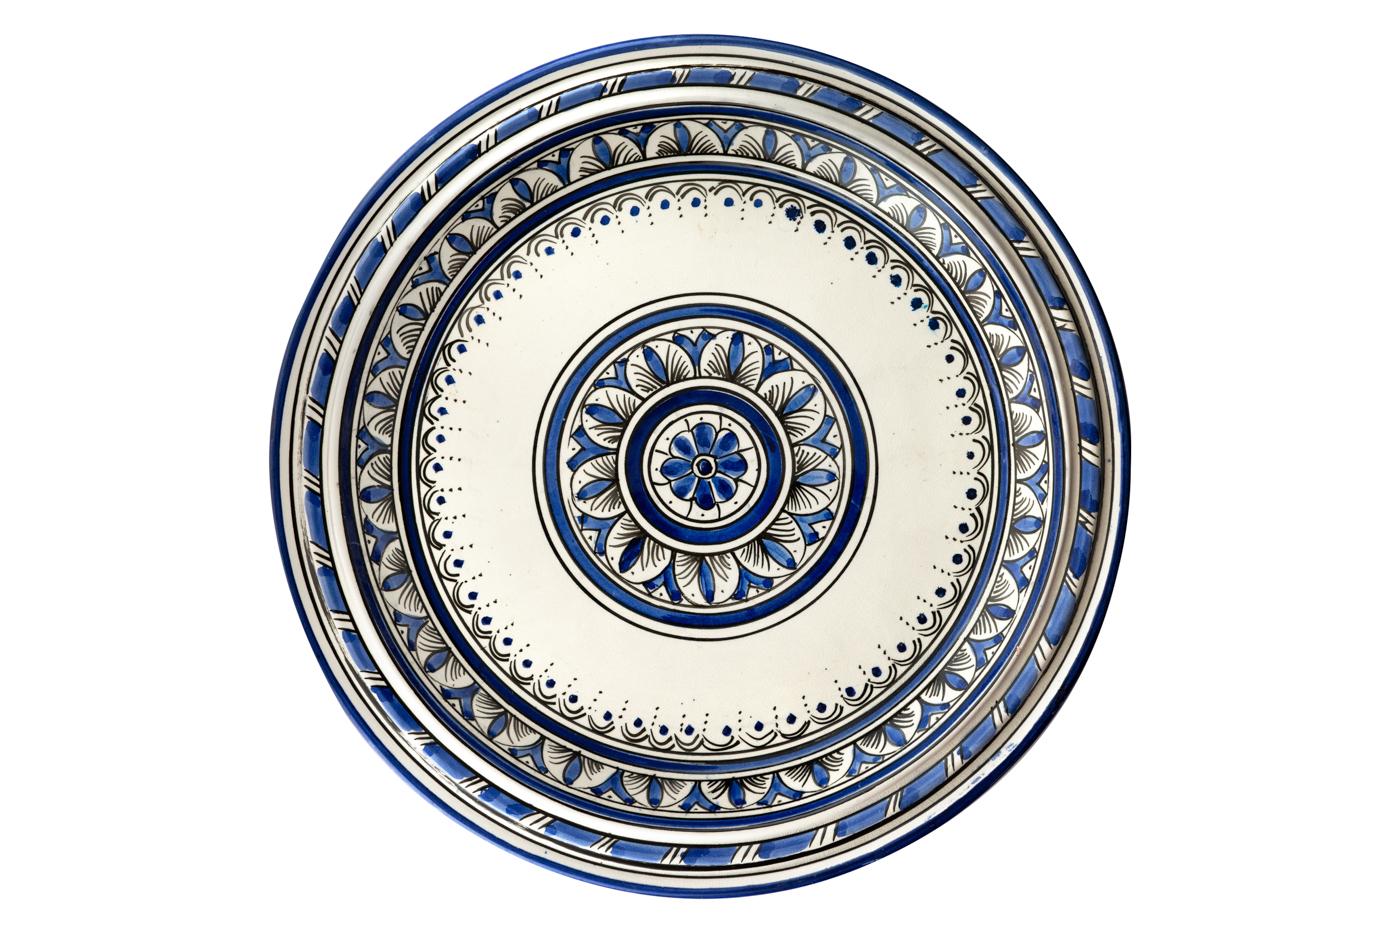 Bandeja Marroquí en cerámica pintada con diseños de arabescos florales- Azul/blanco